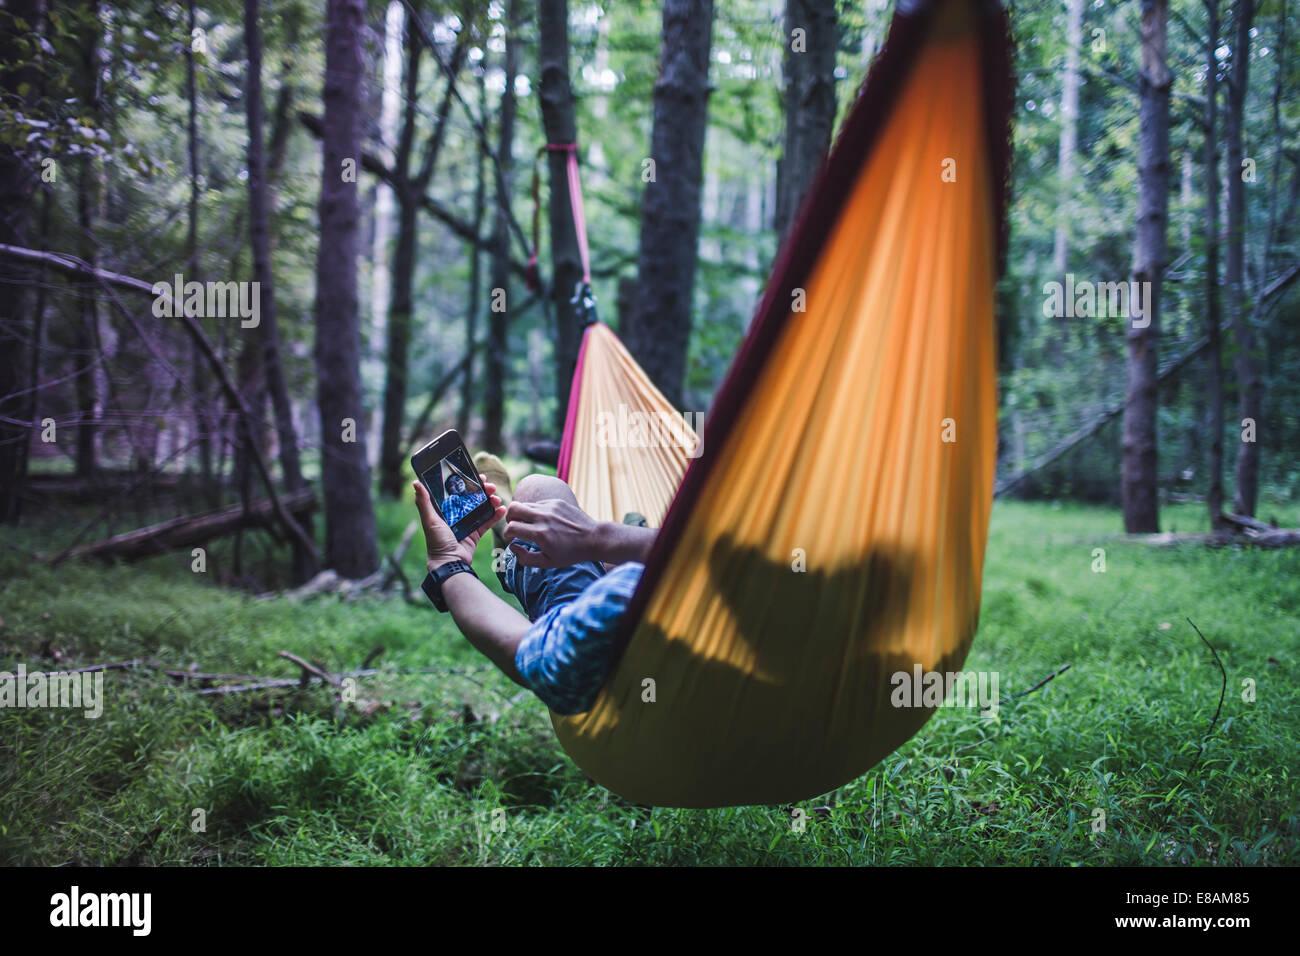 Escursionista giacente in amaca in foresta utilizzando dispositivo digitale Immagini Stock